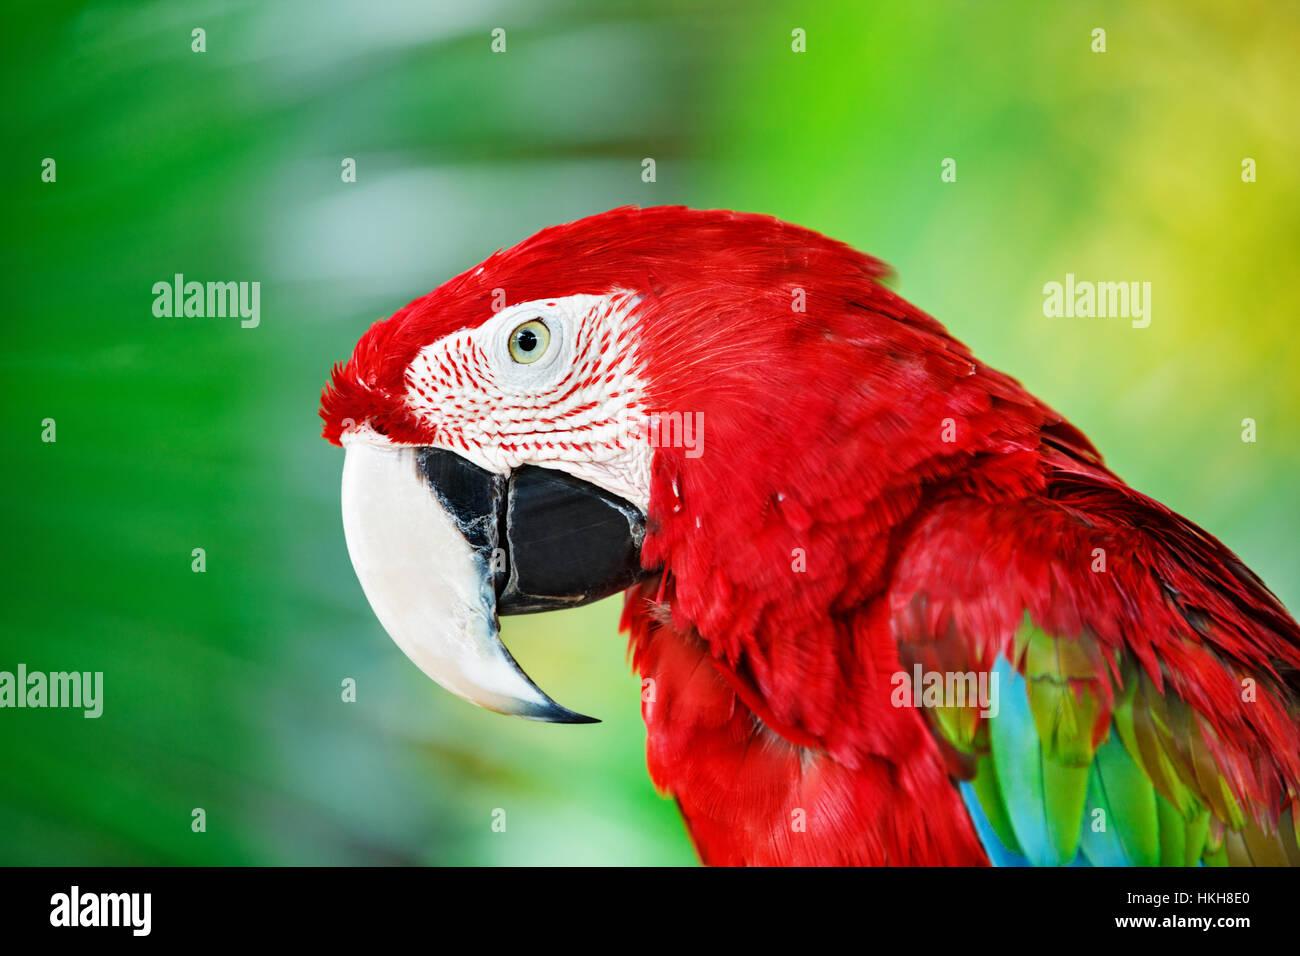 Ritratto di red macaw pappagallo contro la giungla. Testa di pappagallo su sfondo verde. La natura, la fauna selvatica Foto Stock